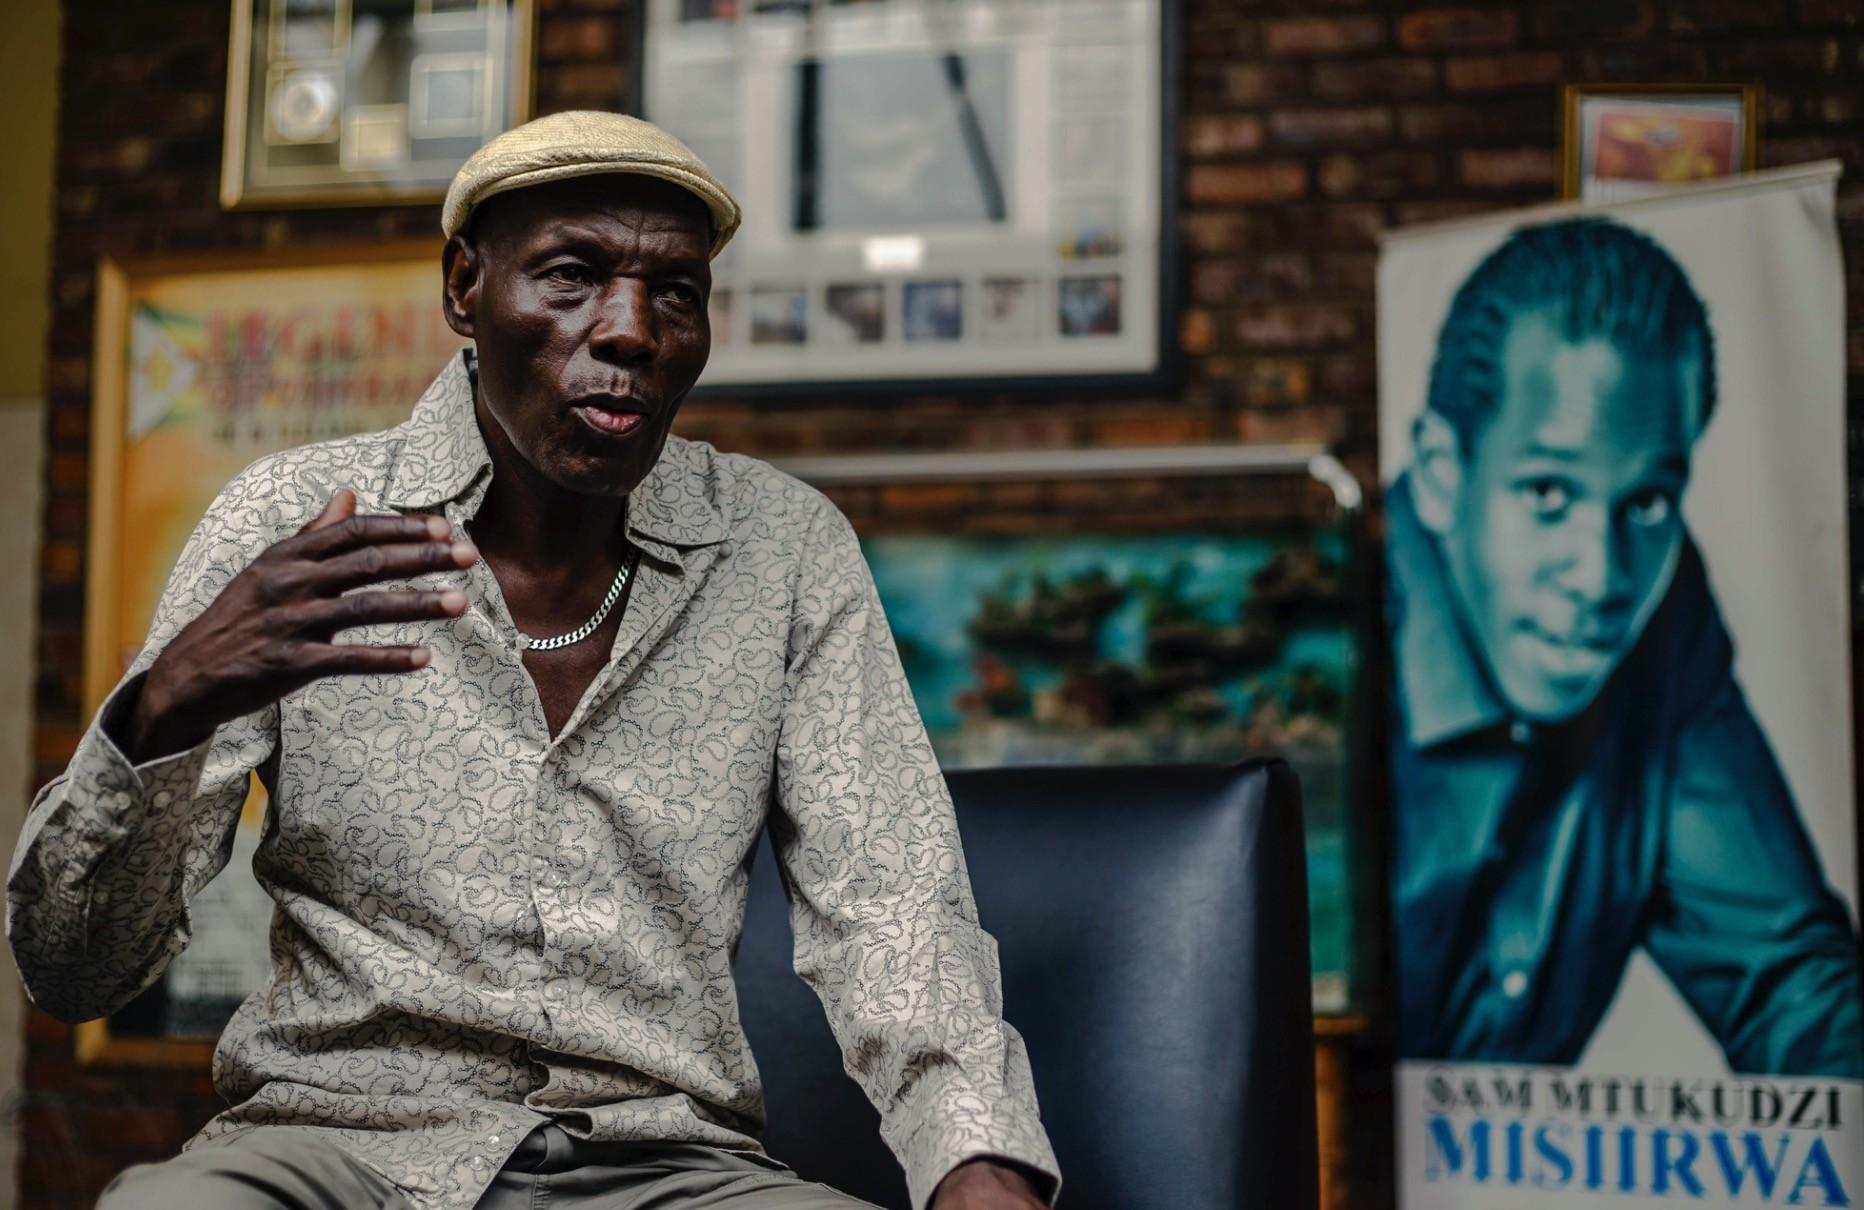 Zimbabwean music icon Oliver u201cTukuu201d Mtukudzi.